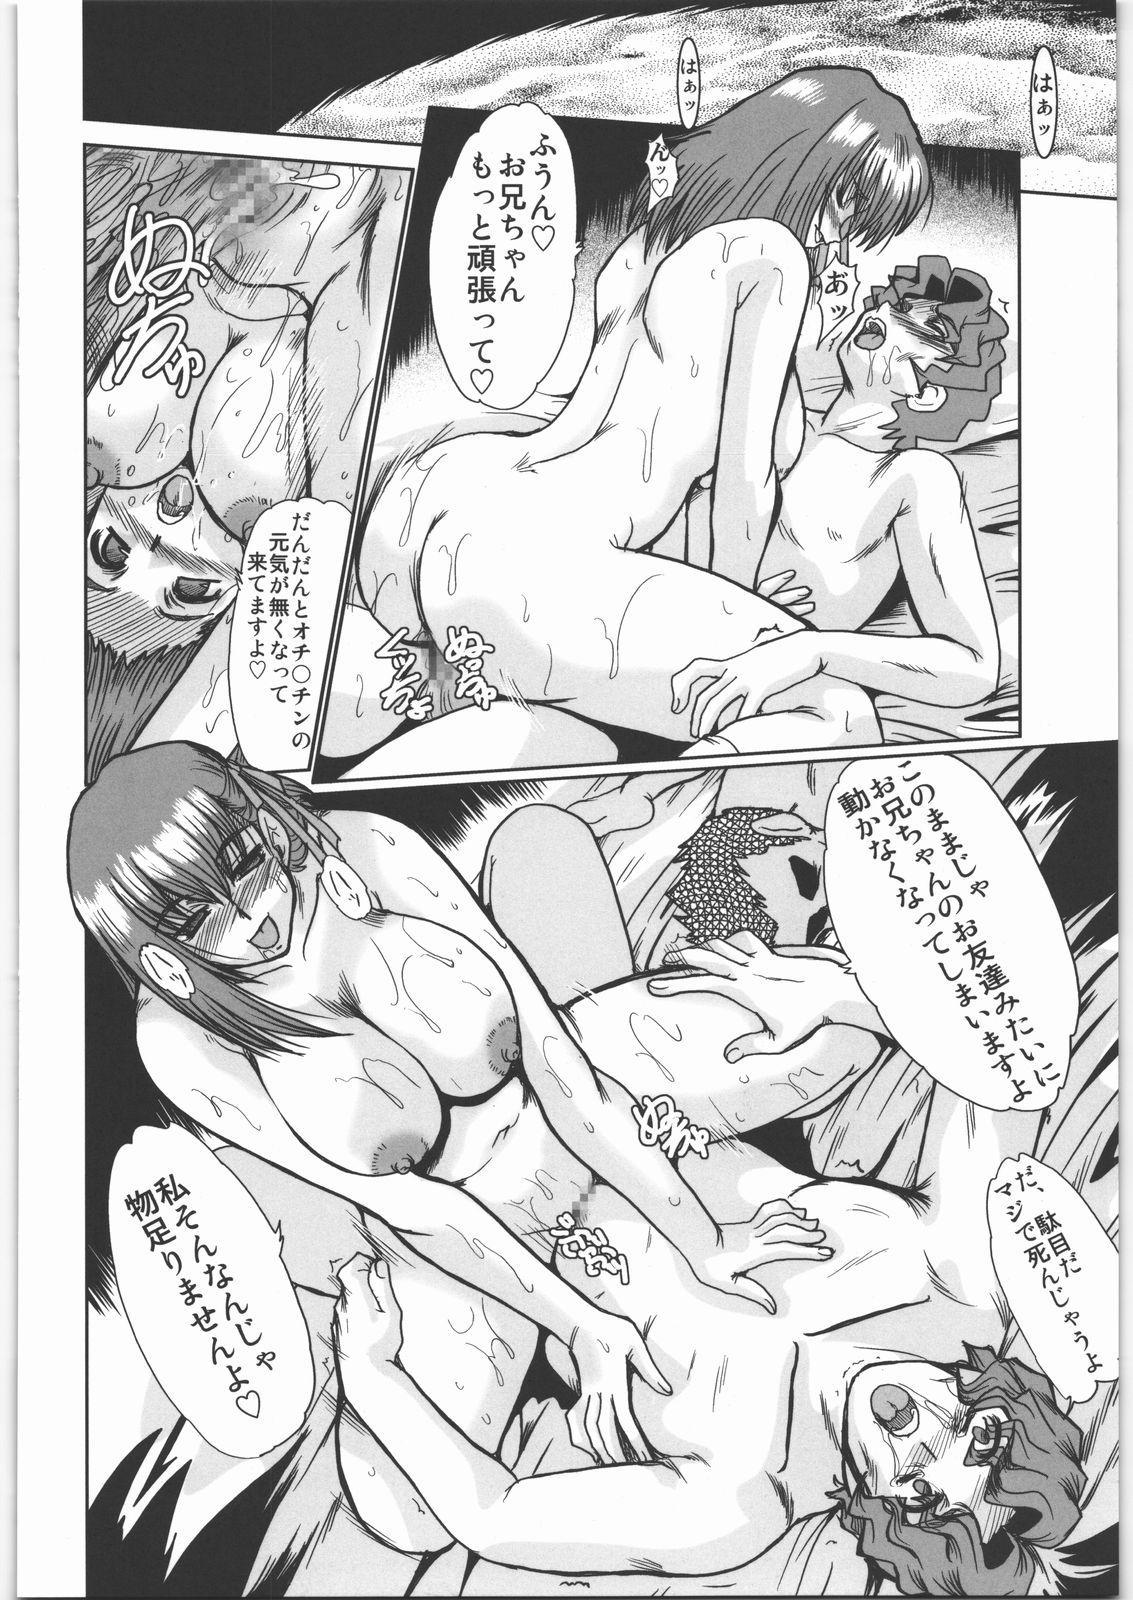 (C70 [Parupunte (Fukada Takushi)] Majutsushi Shimai Ryoujoku ~Sakura no shou~ (Fate/stay night) 32